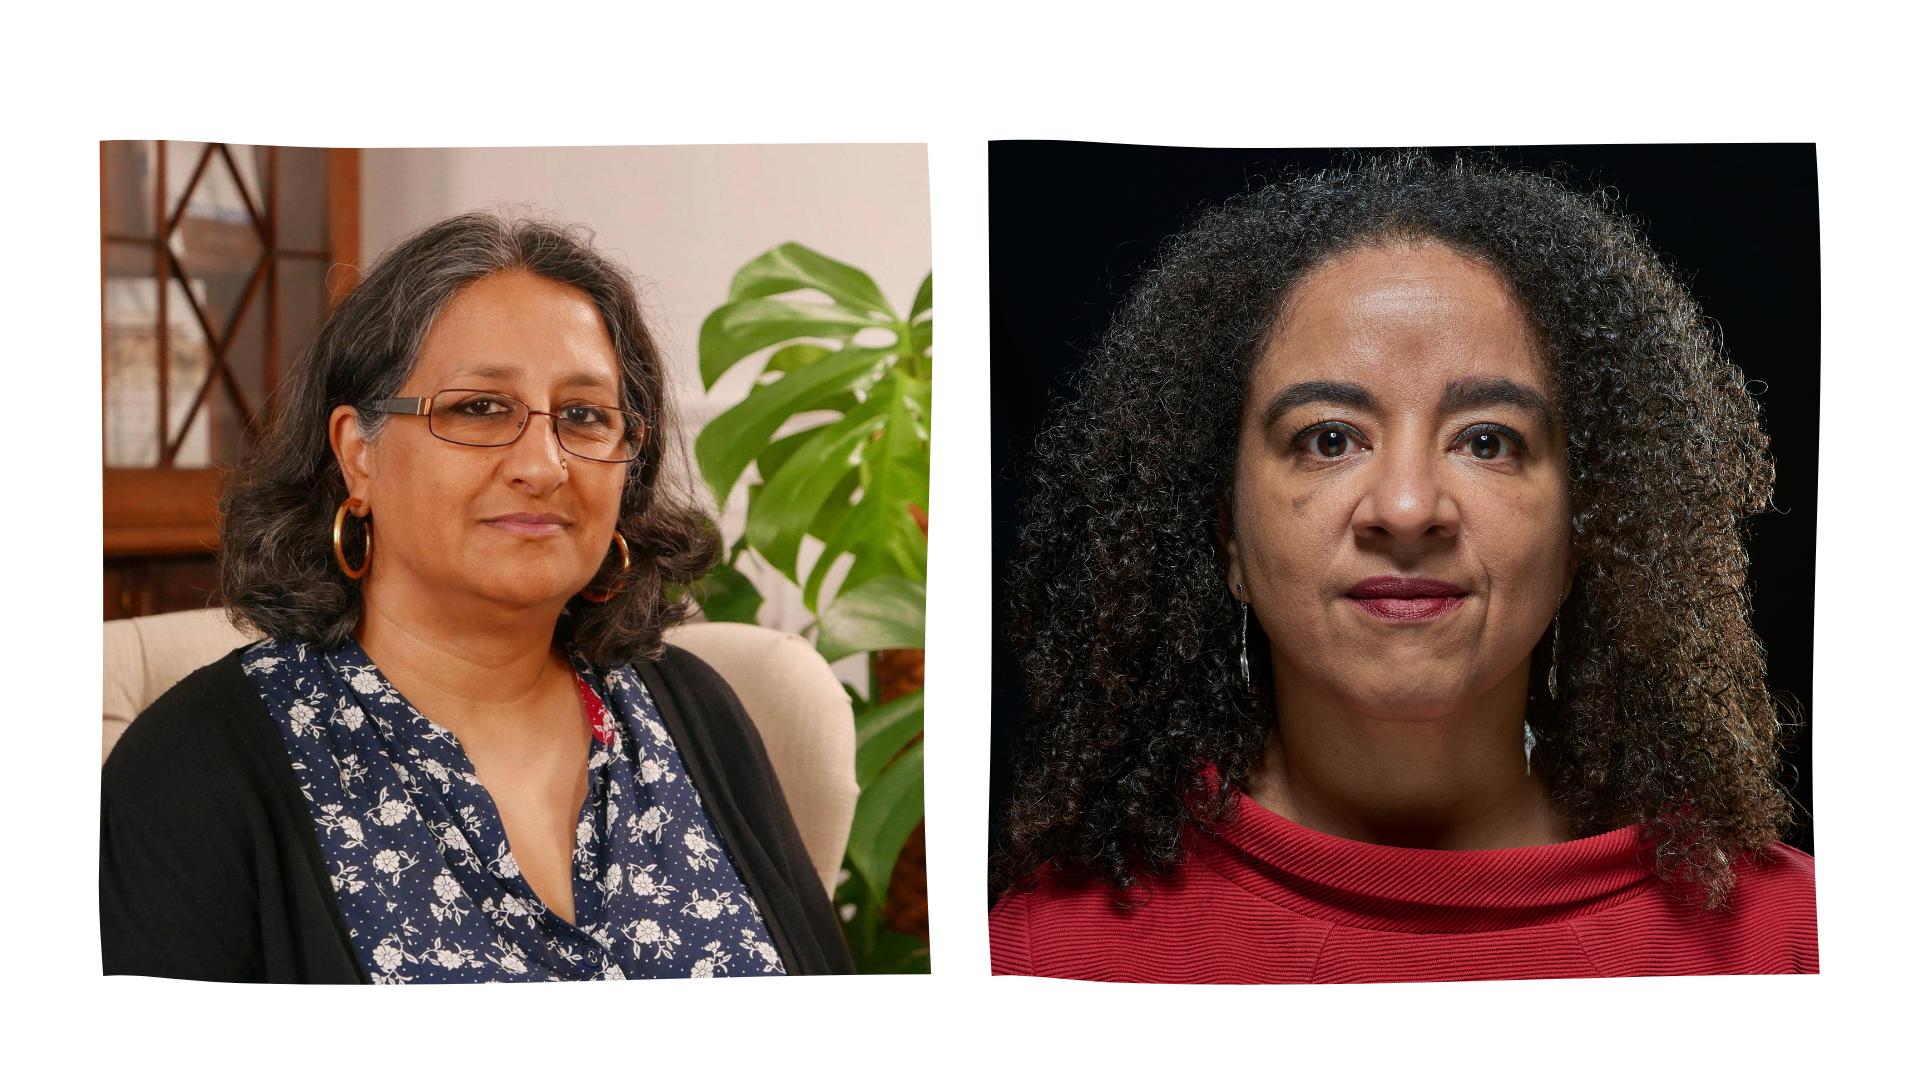 Esmée's two new trustees